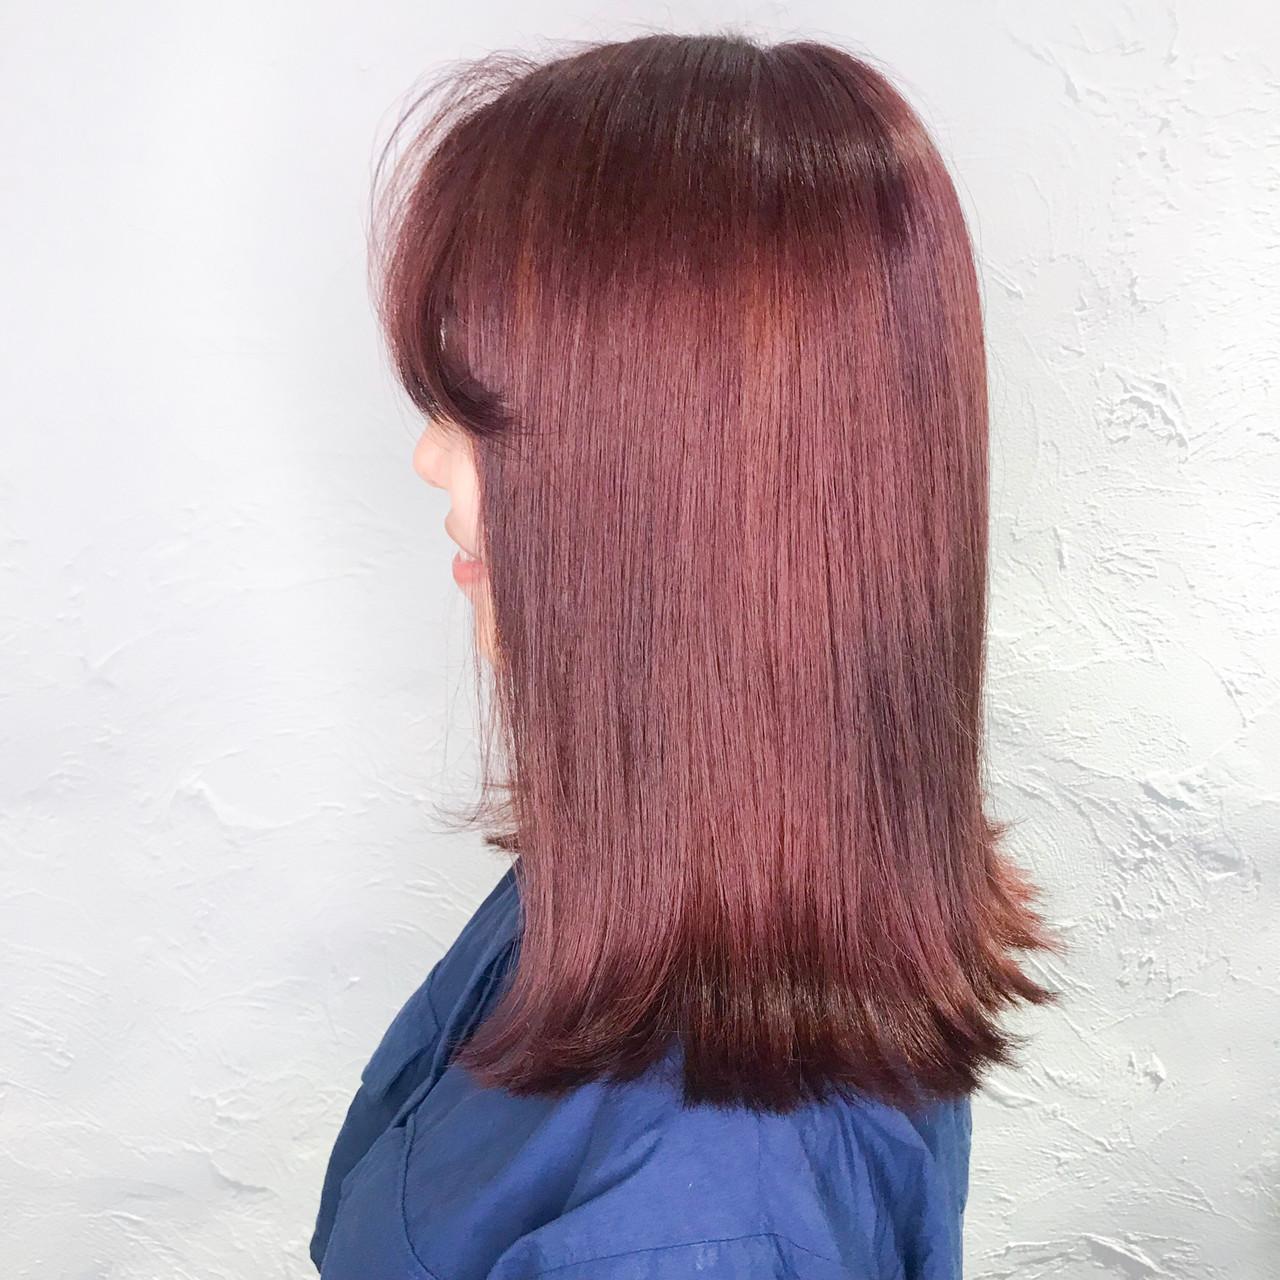 ラベンダーピンク ピンクパープル ピンクブラウン ガーリー ヘアスタイルや髪型の写真・画像